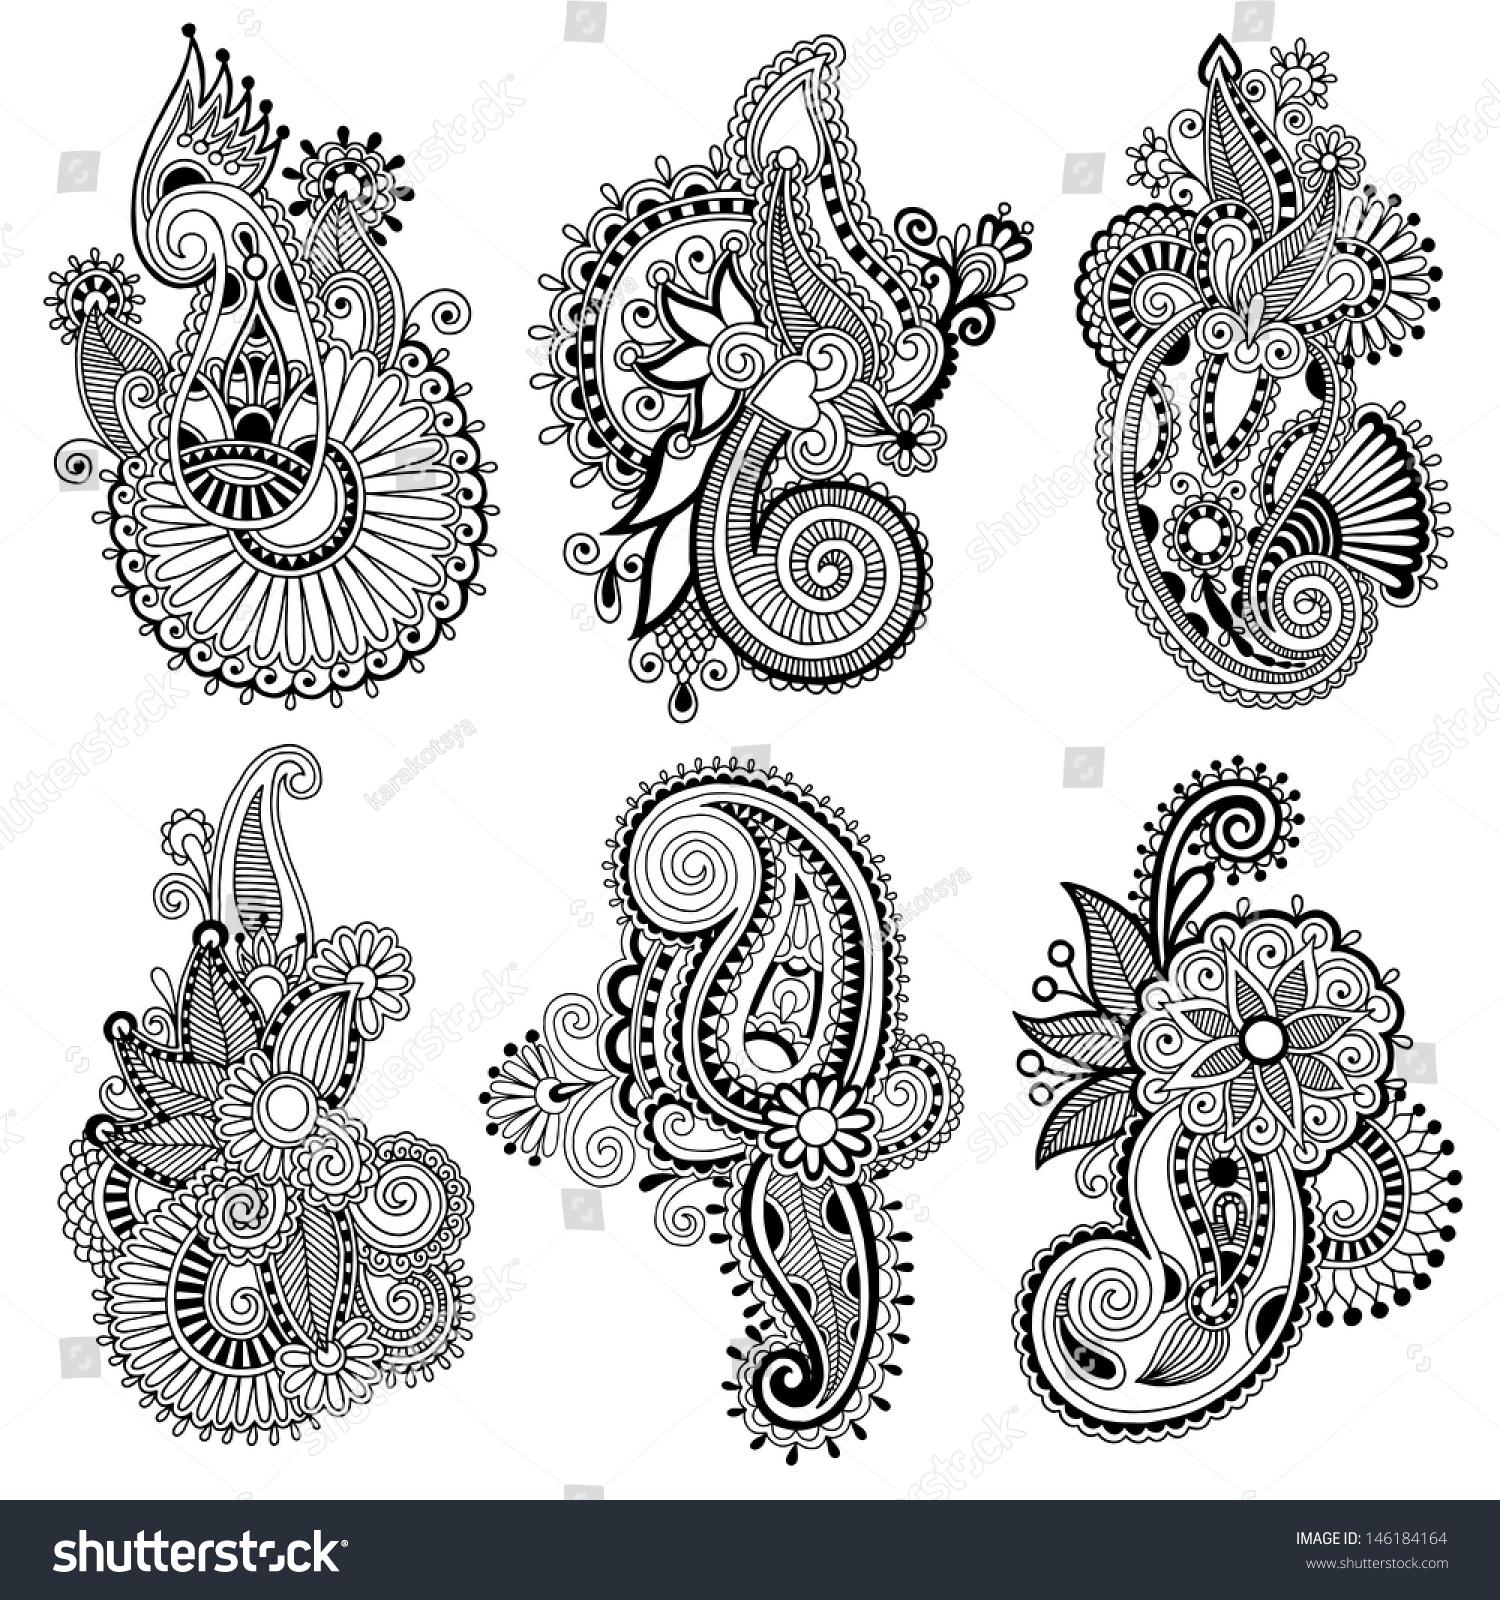 Line Design Art Rubric : Black line art ornate flower design stock vector